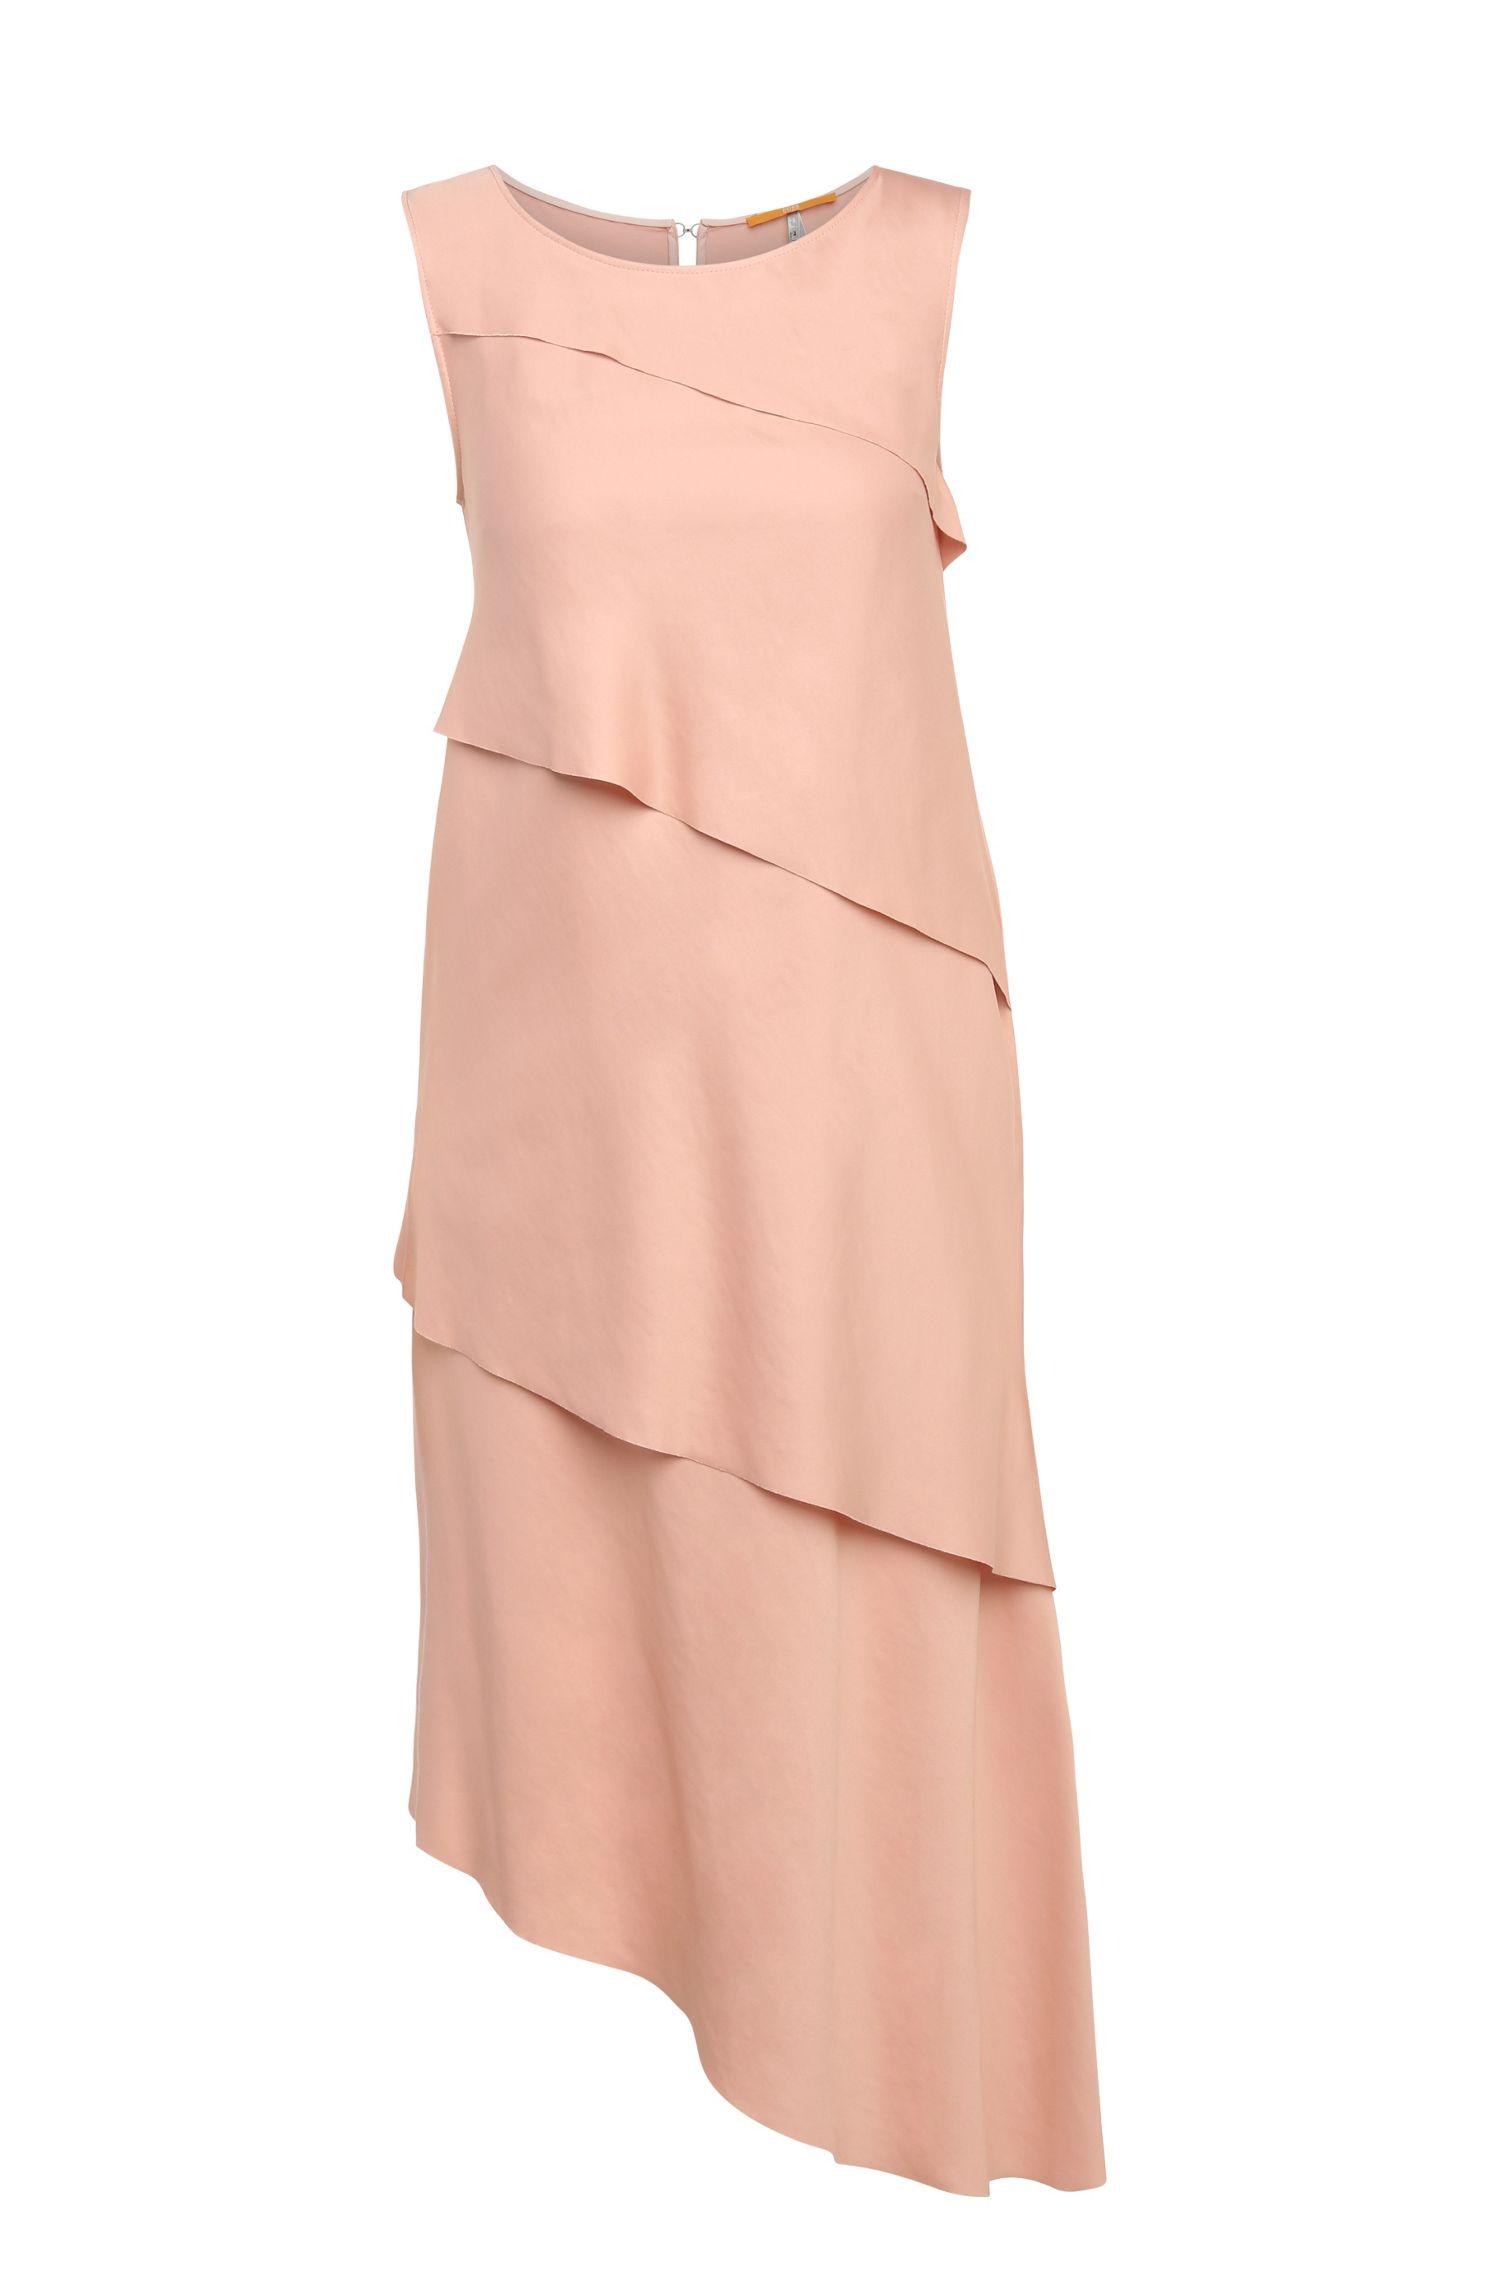 'Asimmy'   Modal Blend Tiered Shift Dress